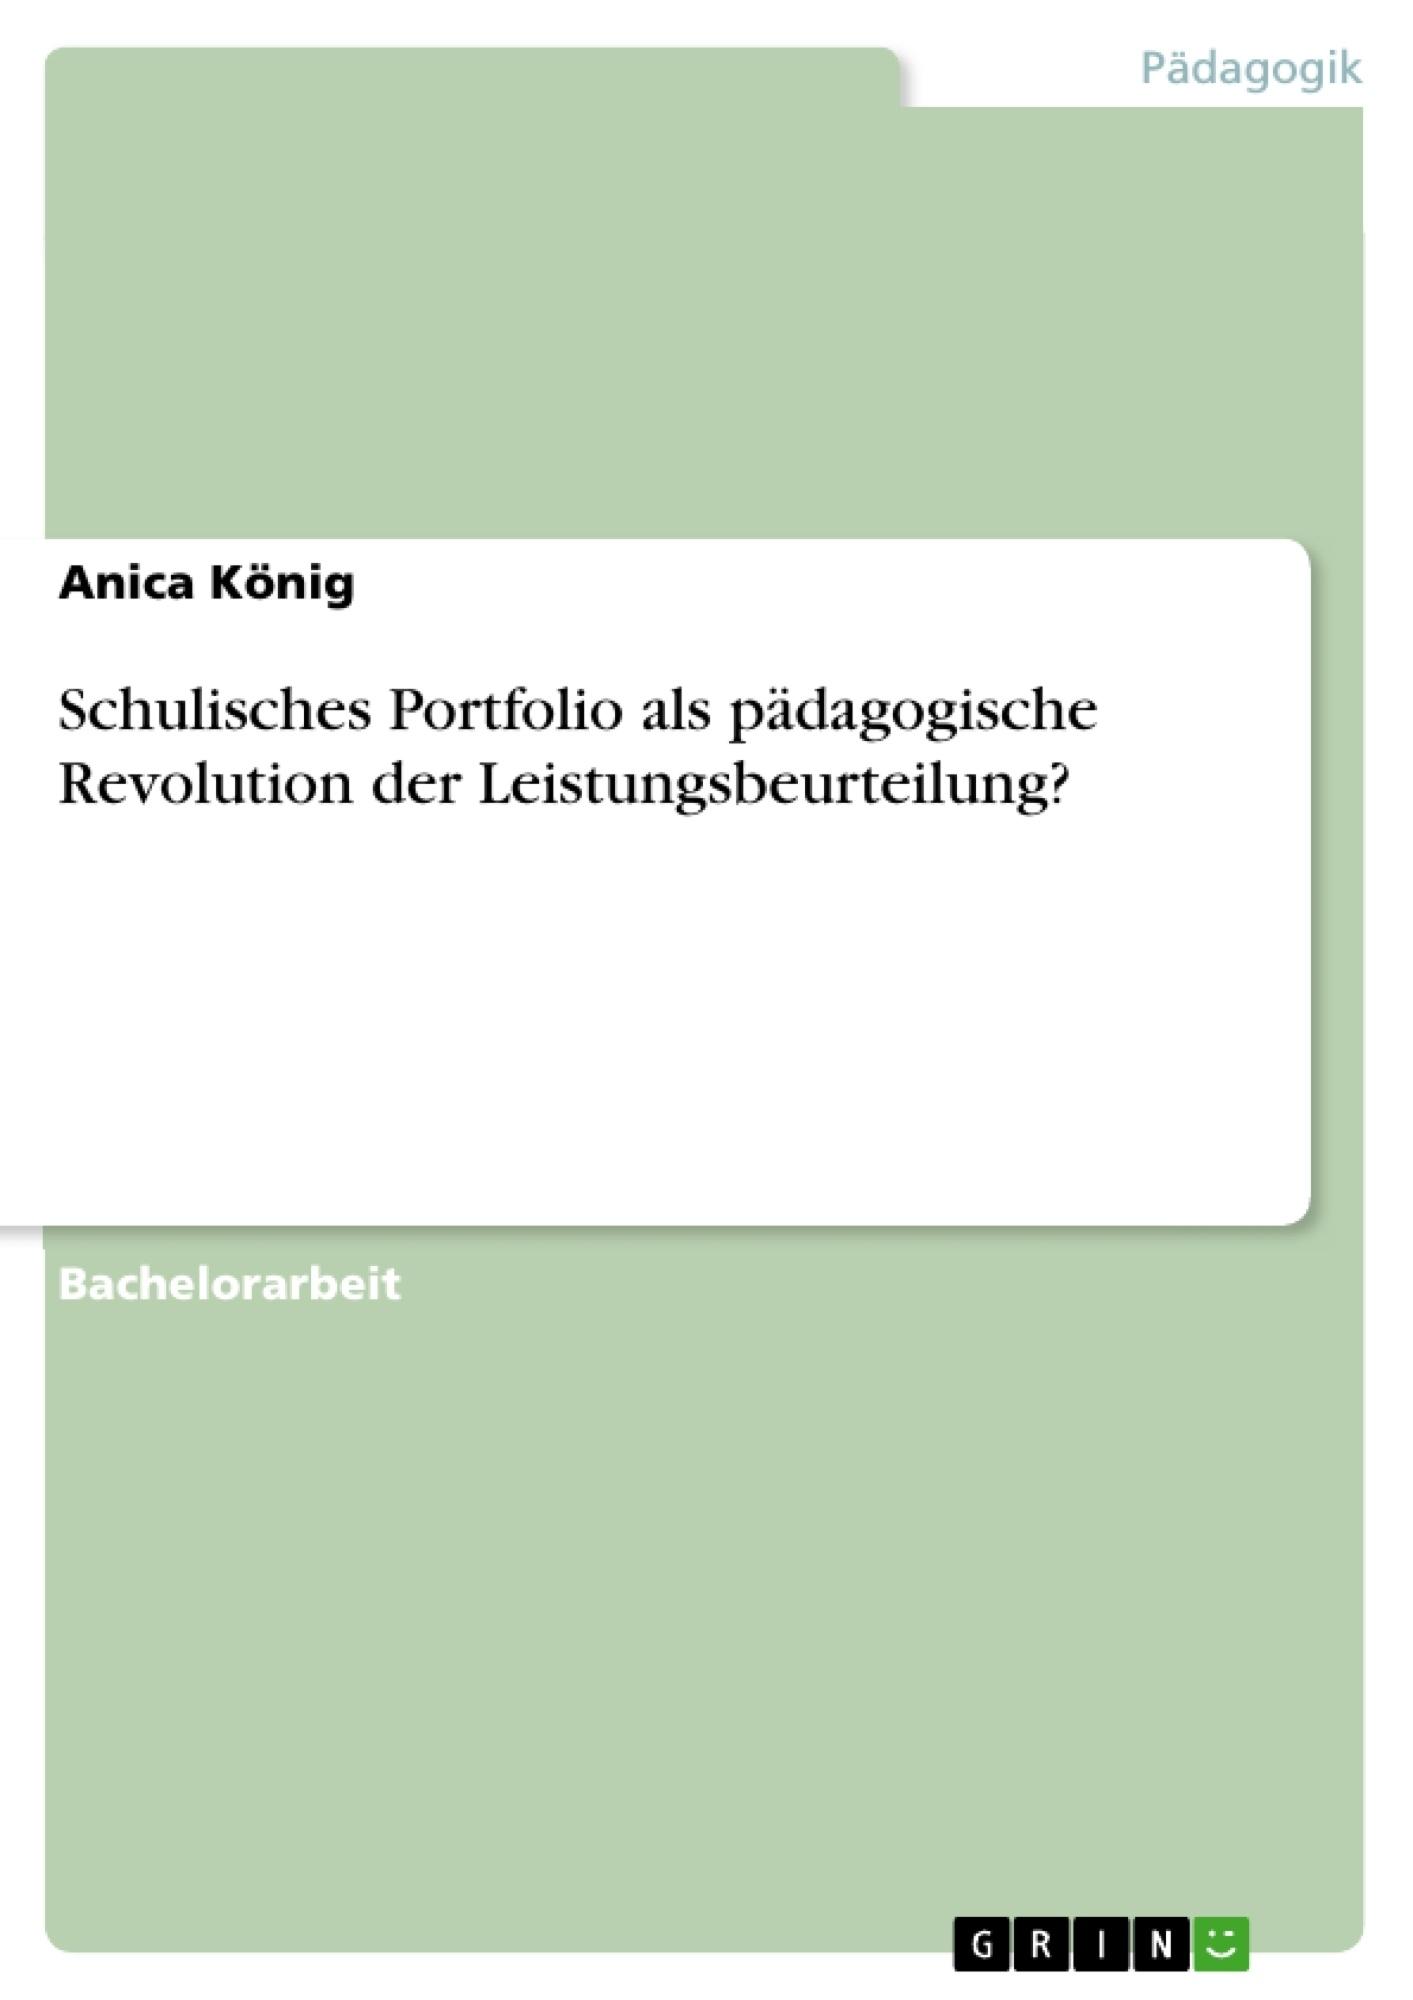 Titel: Schulisches Portfolio als pädagogische Revolution der Leistungsbeurteilung?